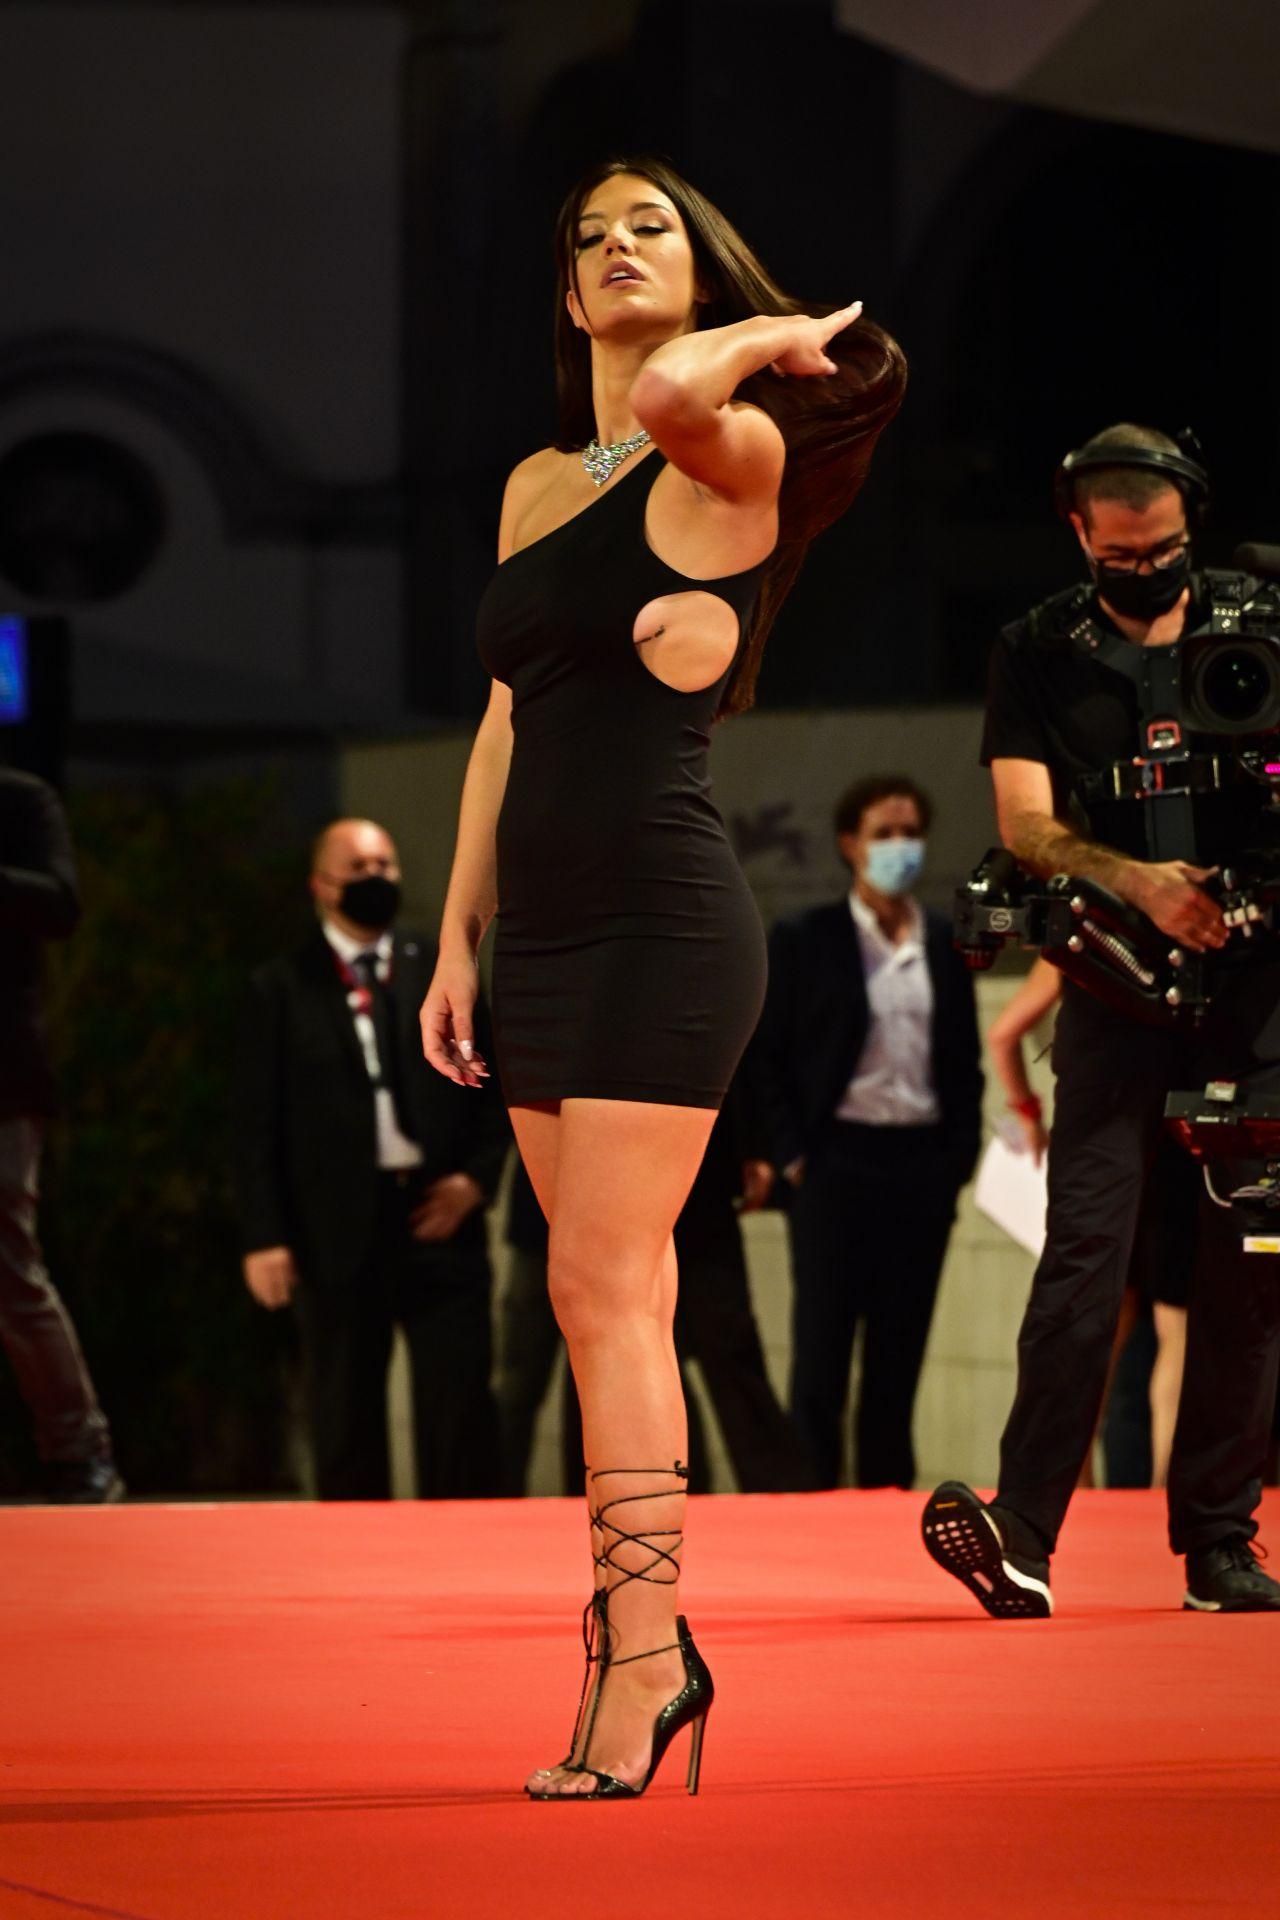 阿黛尔·艾克阿切波洛斯亮相红毯,身穿黑色单肩连身裙魅力十足